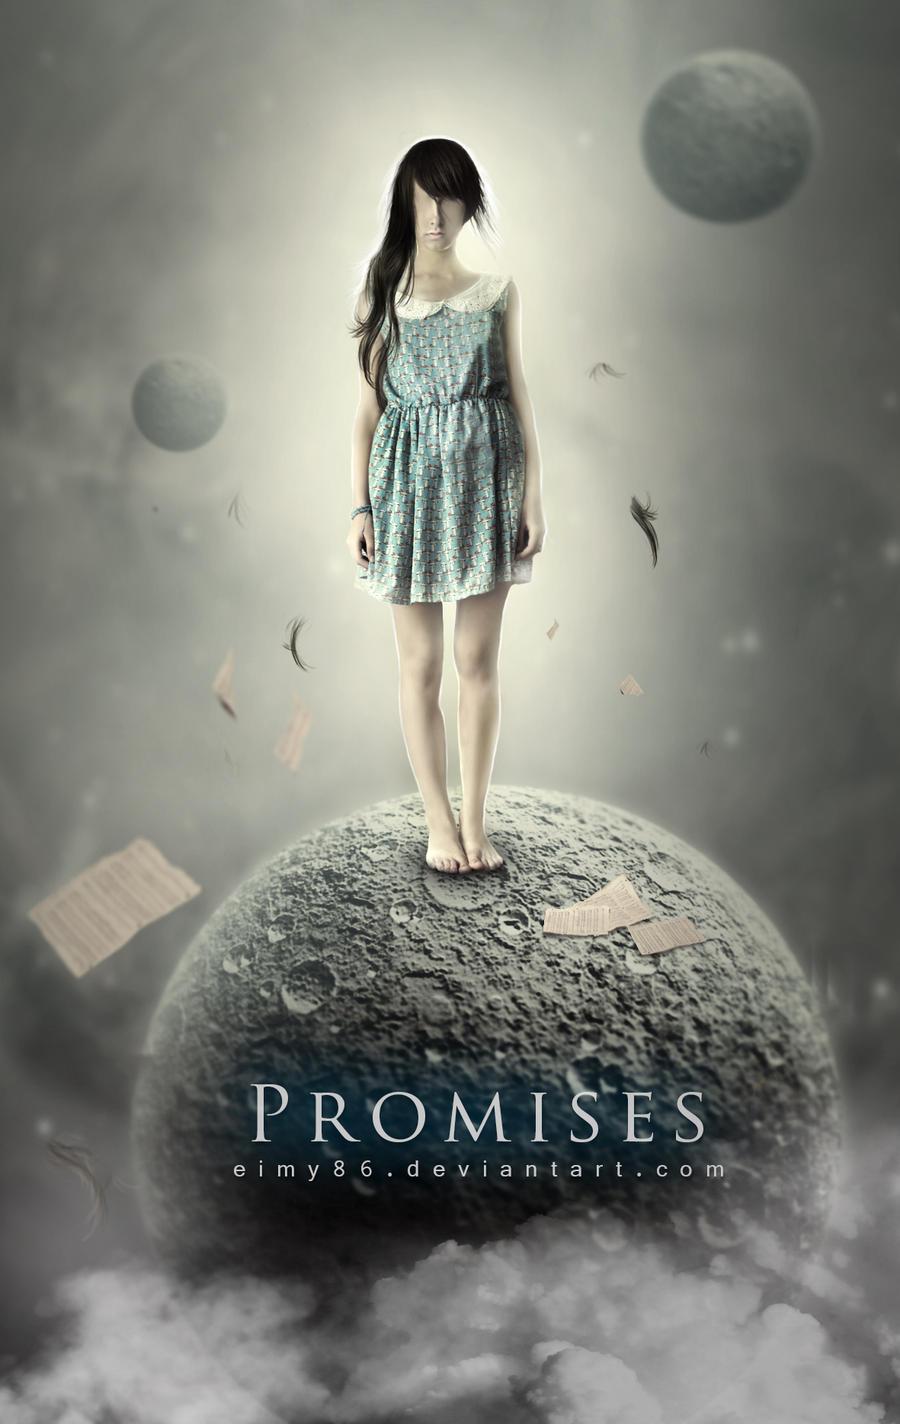 Promises by emanrabiah